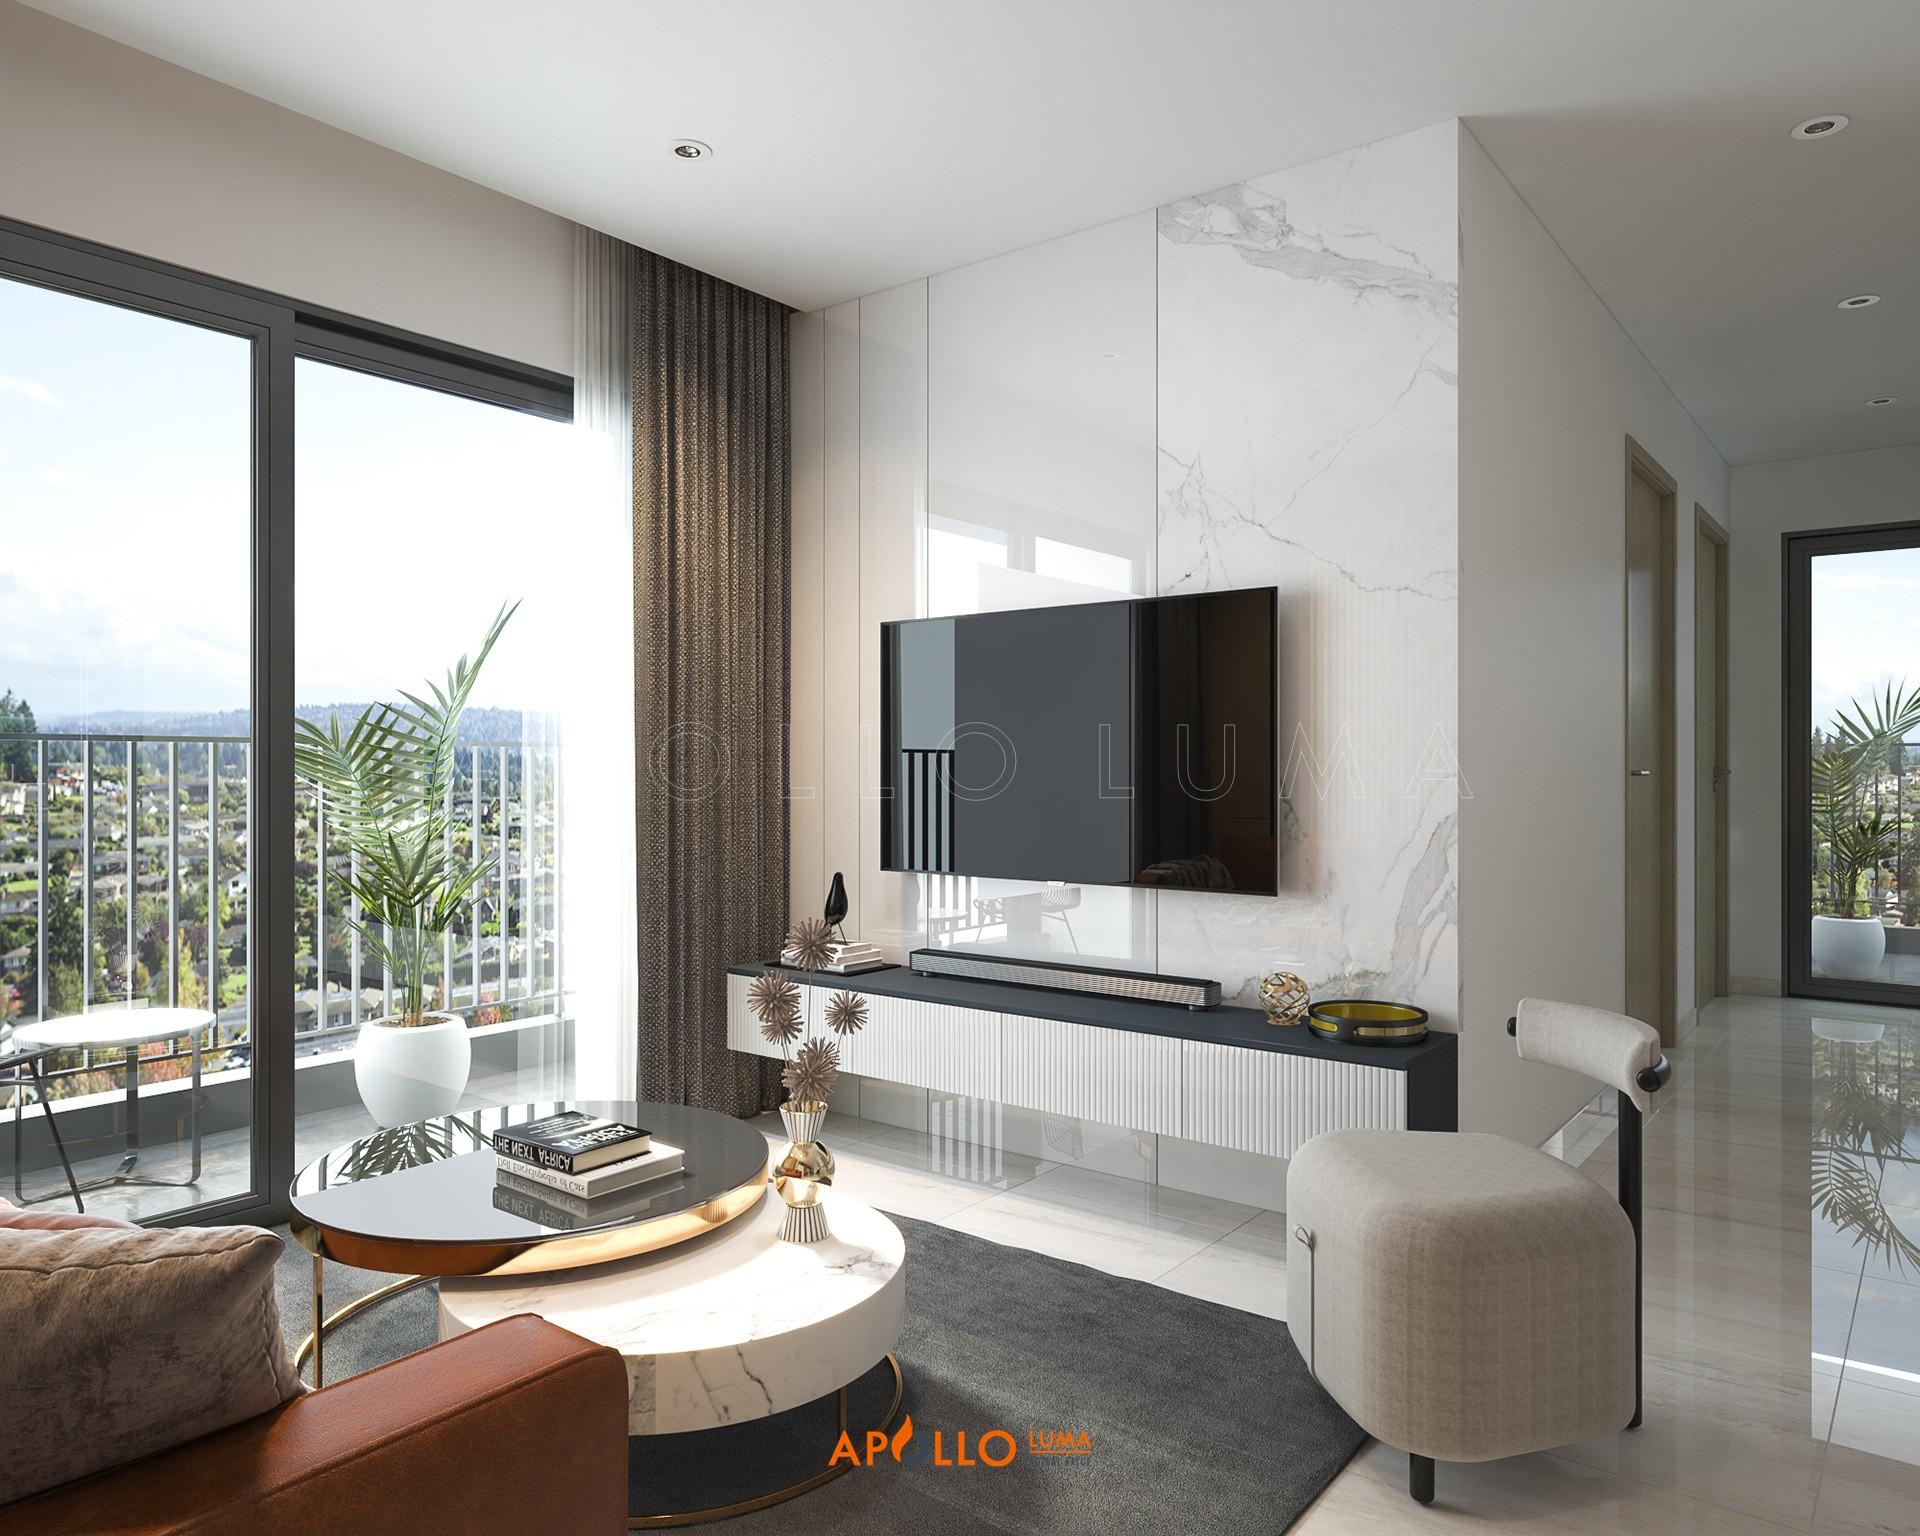 Thiết kế nội thất căn hộ 3 phòng ngủ Imperia Smart City Tây Mỗ